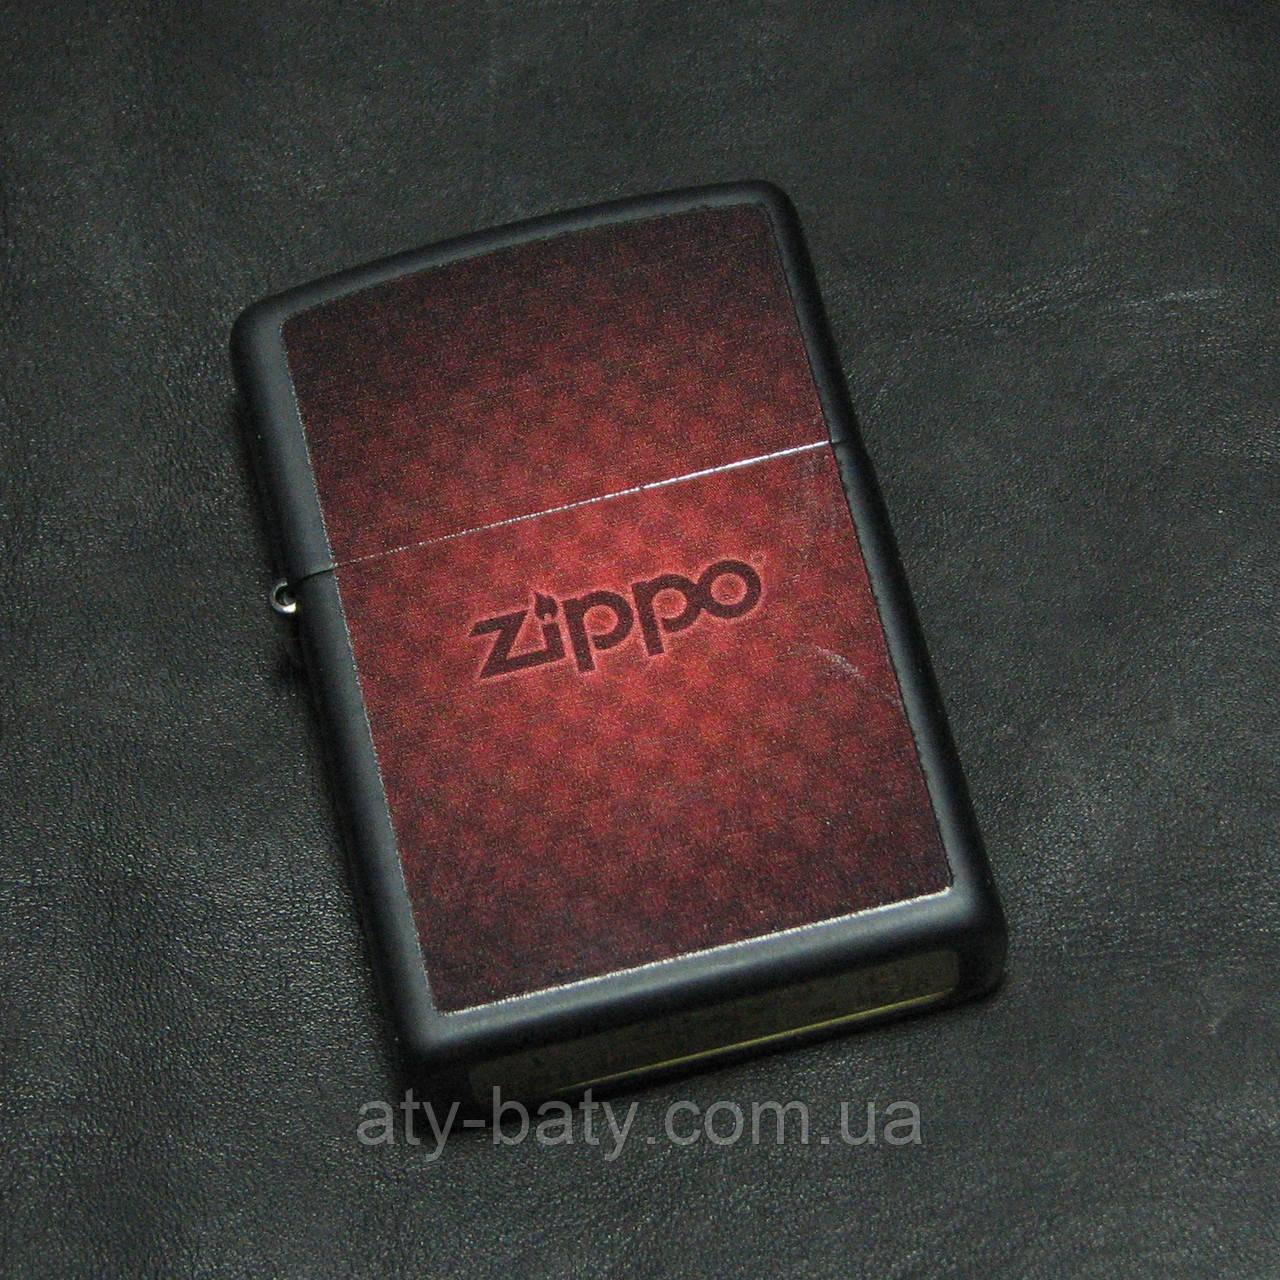 Зажигалка Zippo 218.901 Matte Black